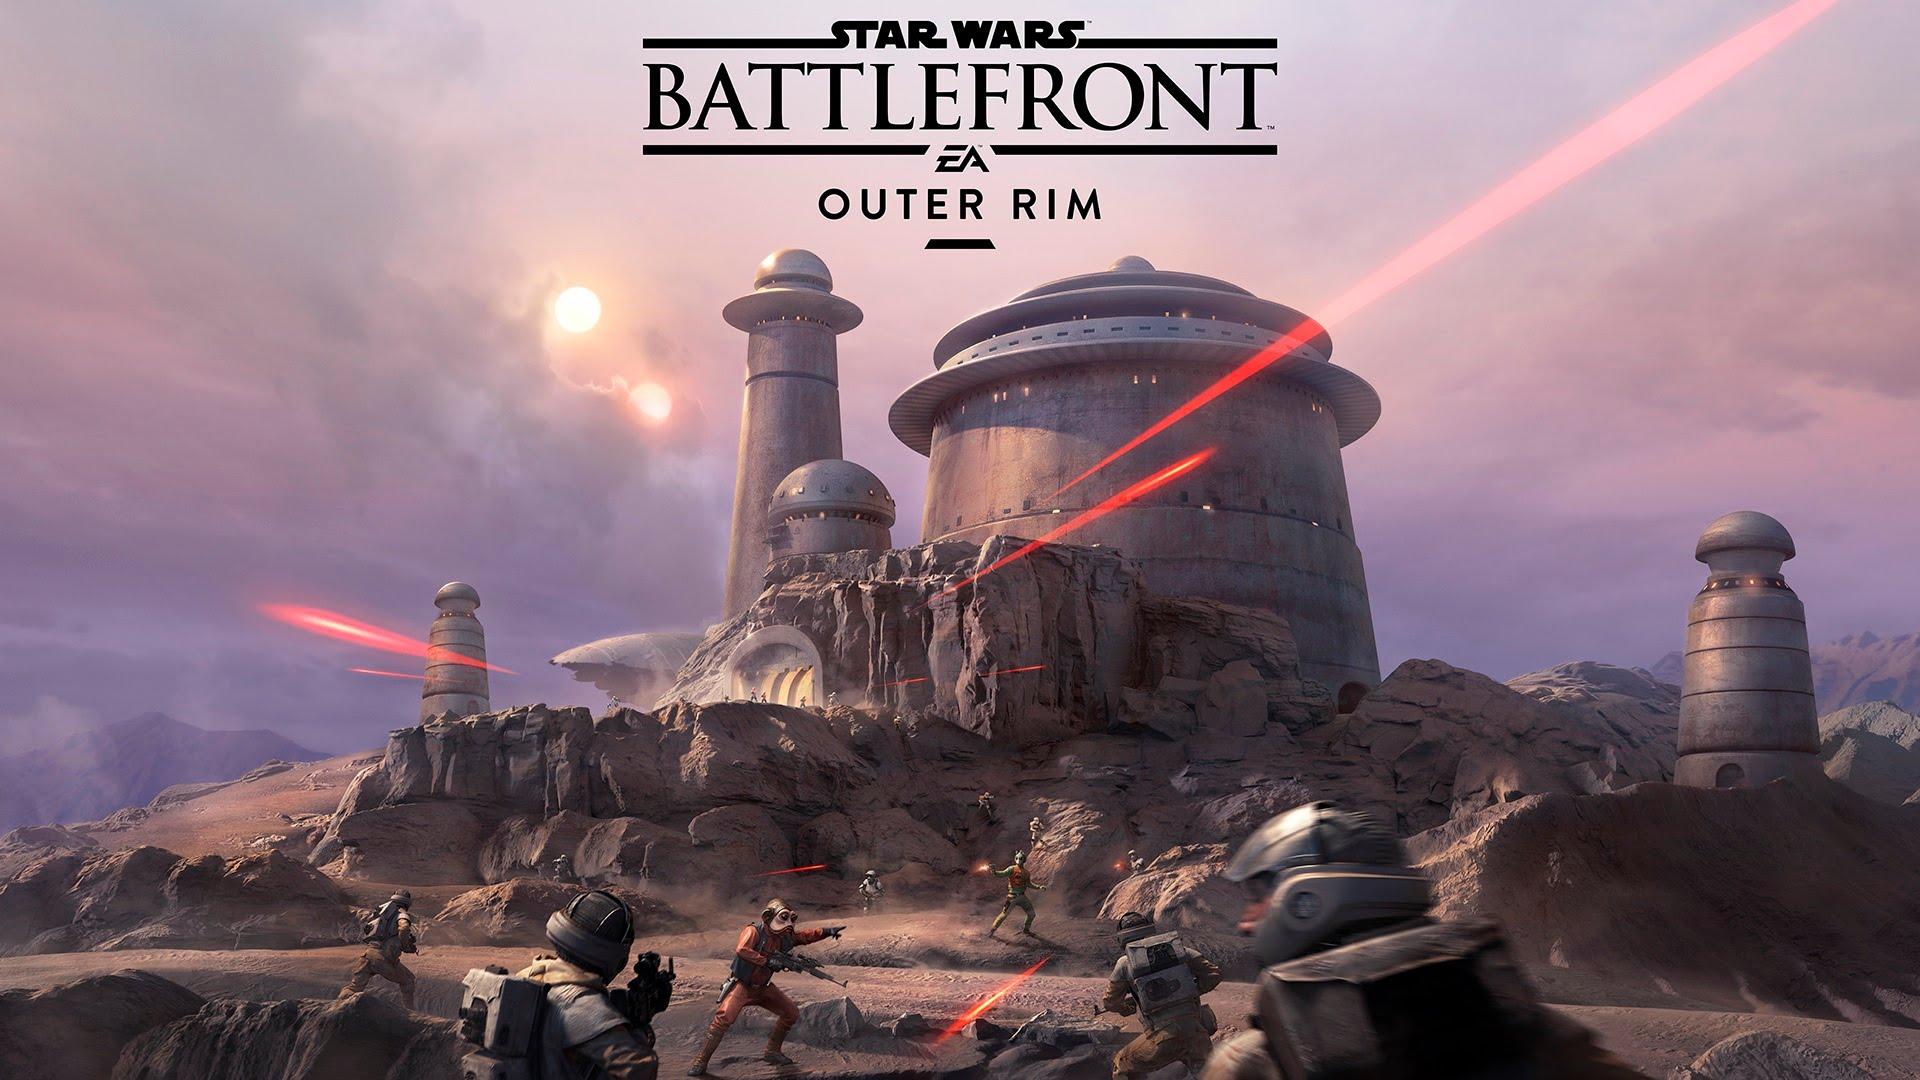 Le DLC de Battlefront disponible gratuitement